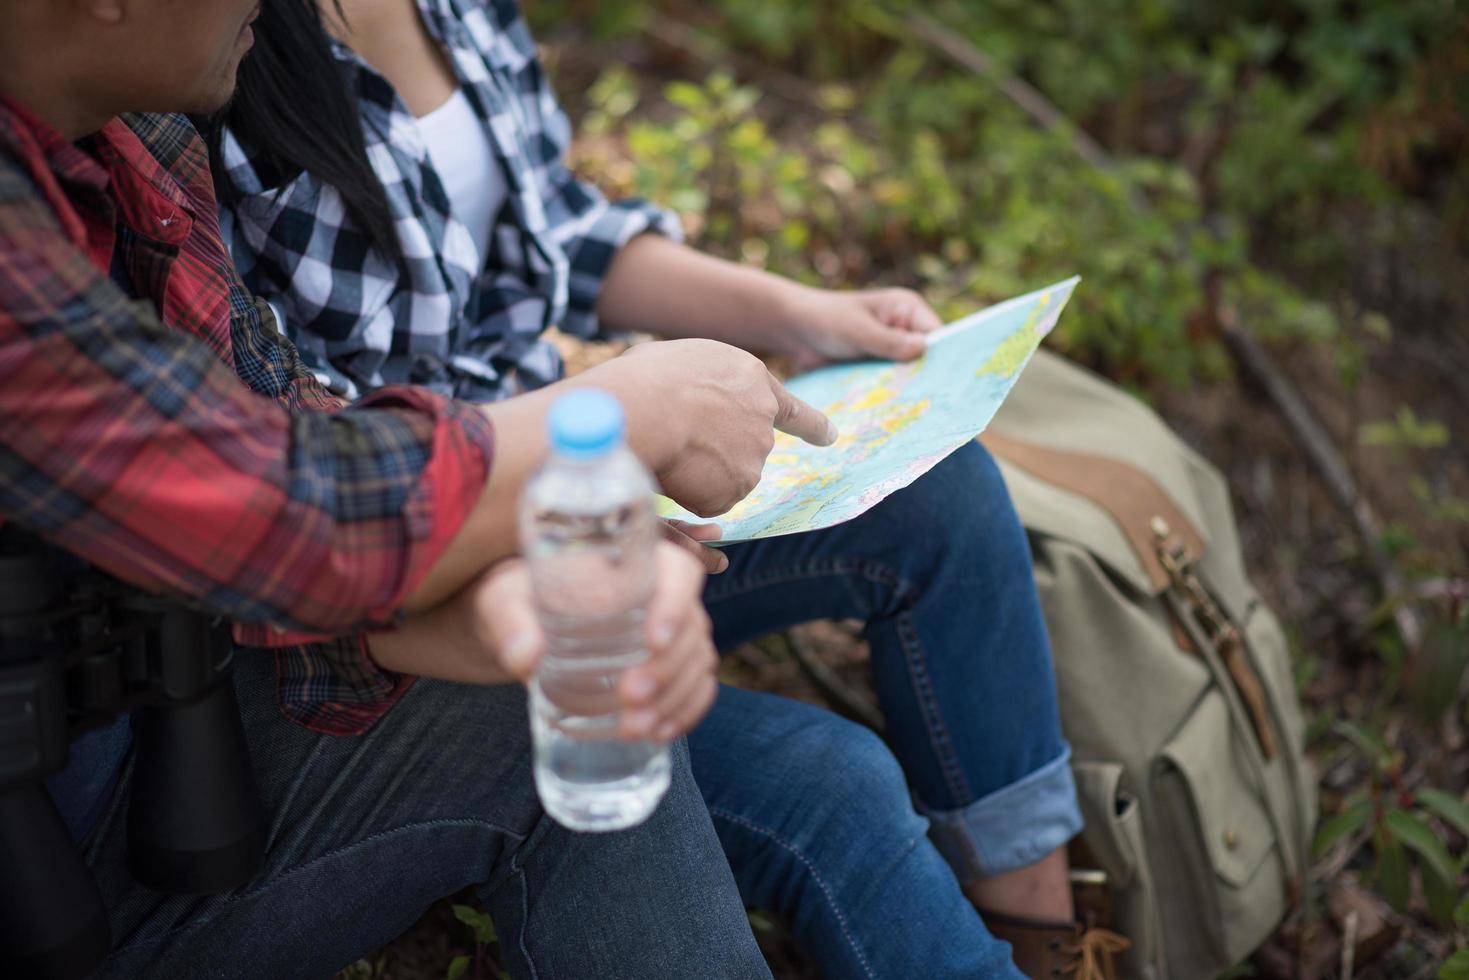 giovane coppia guardando la mappa durante le escursioni nella foresta foto